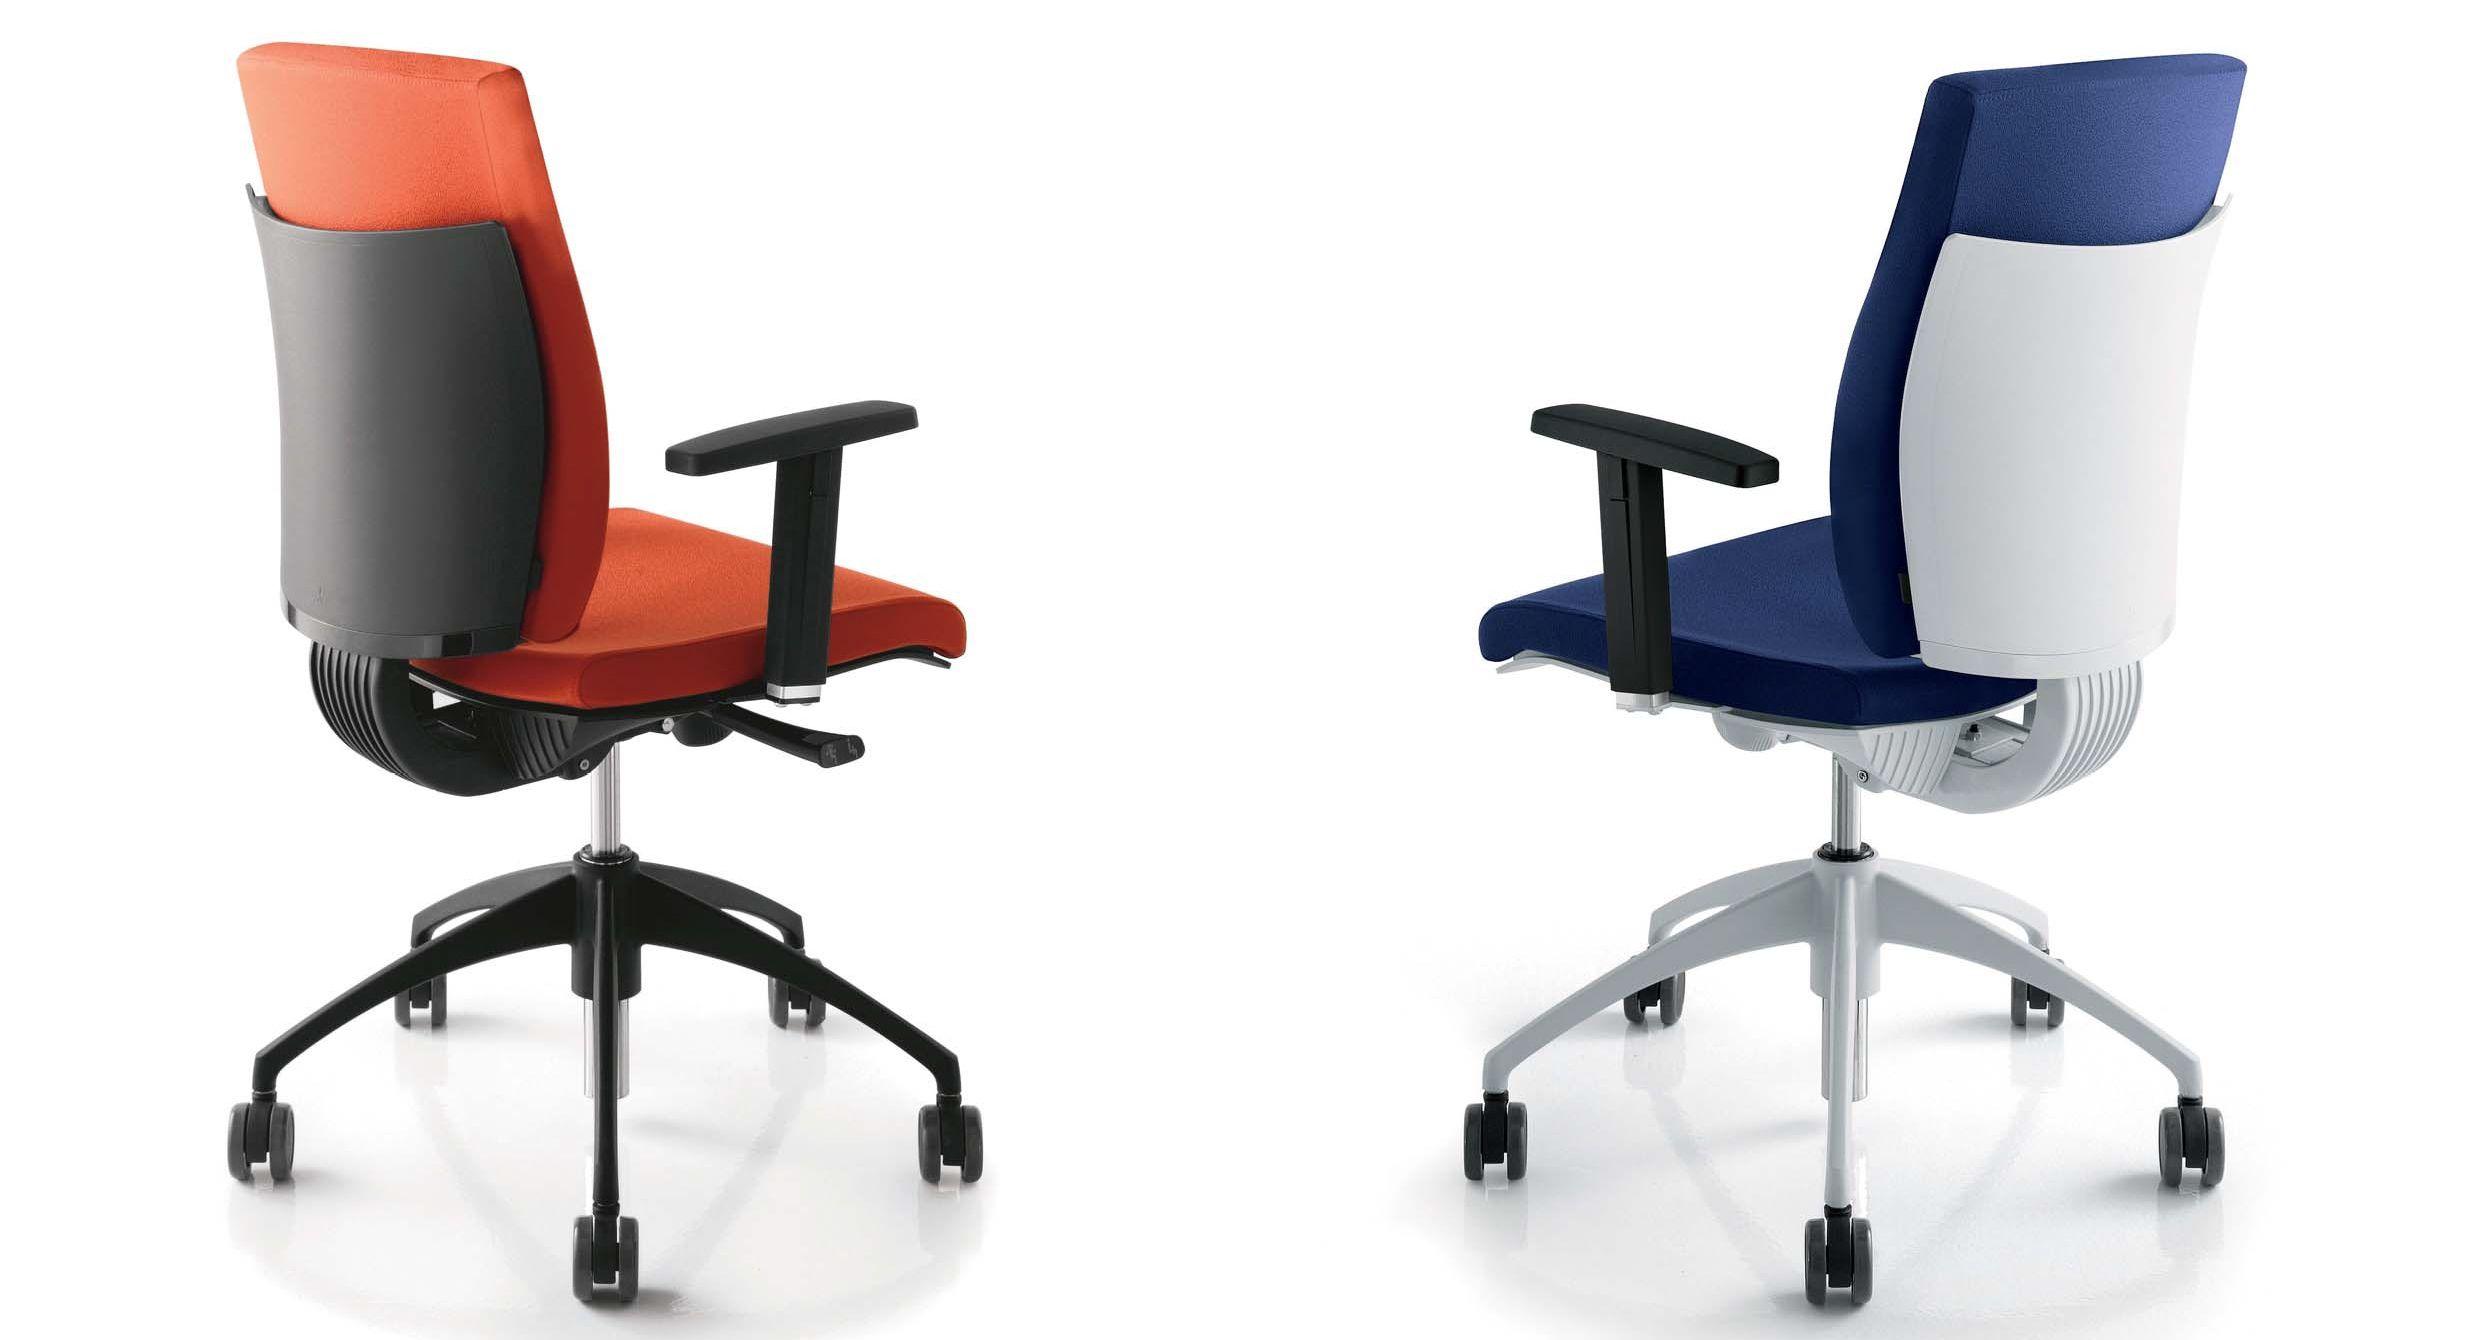 Upper Panama Presenta Pixel Silla Operativa Ideal Para Oficina Una Gama Completa De Sillas Con Respaldo Alto Y Bajo Mecanismo Syn Office Chair Design Decor